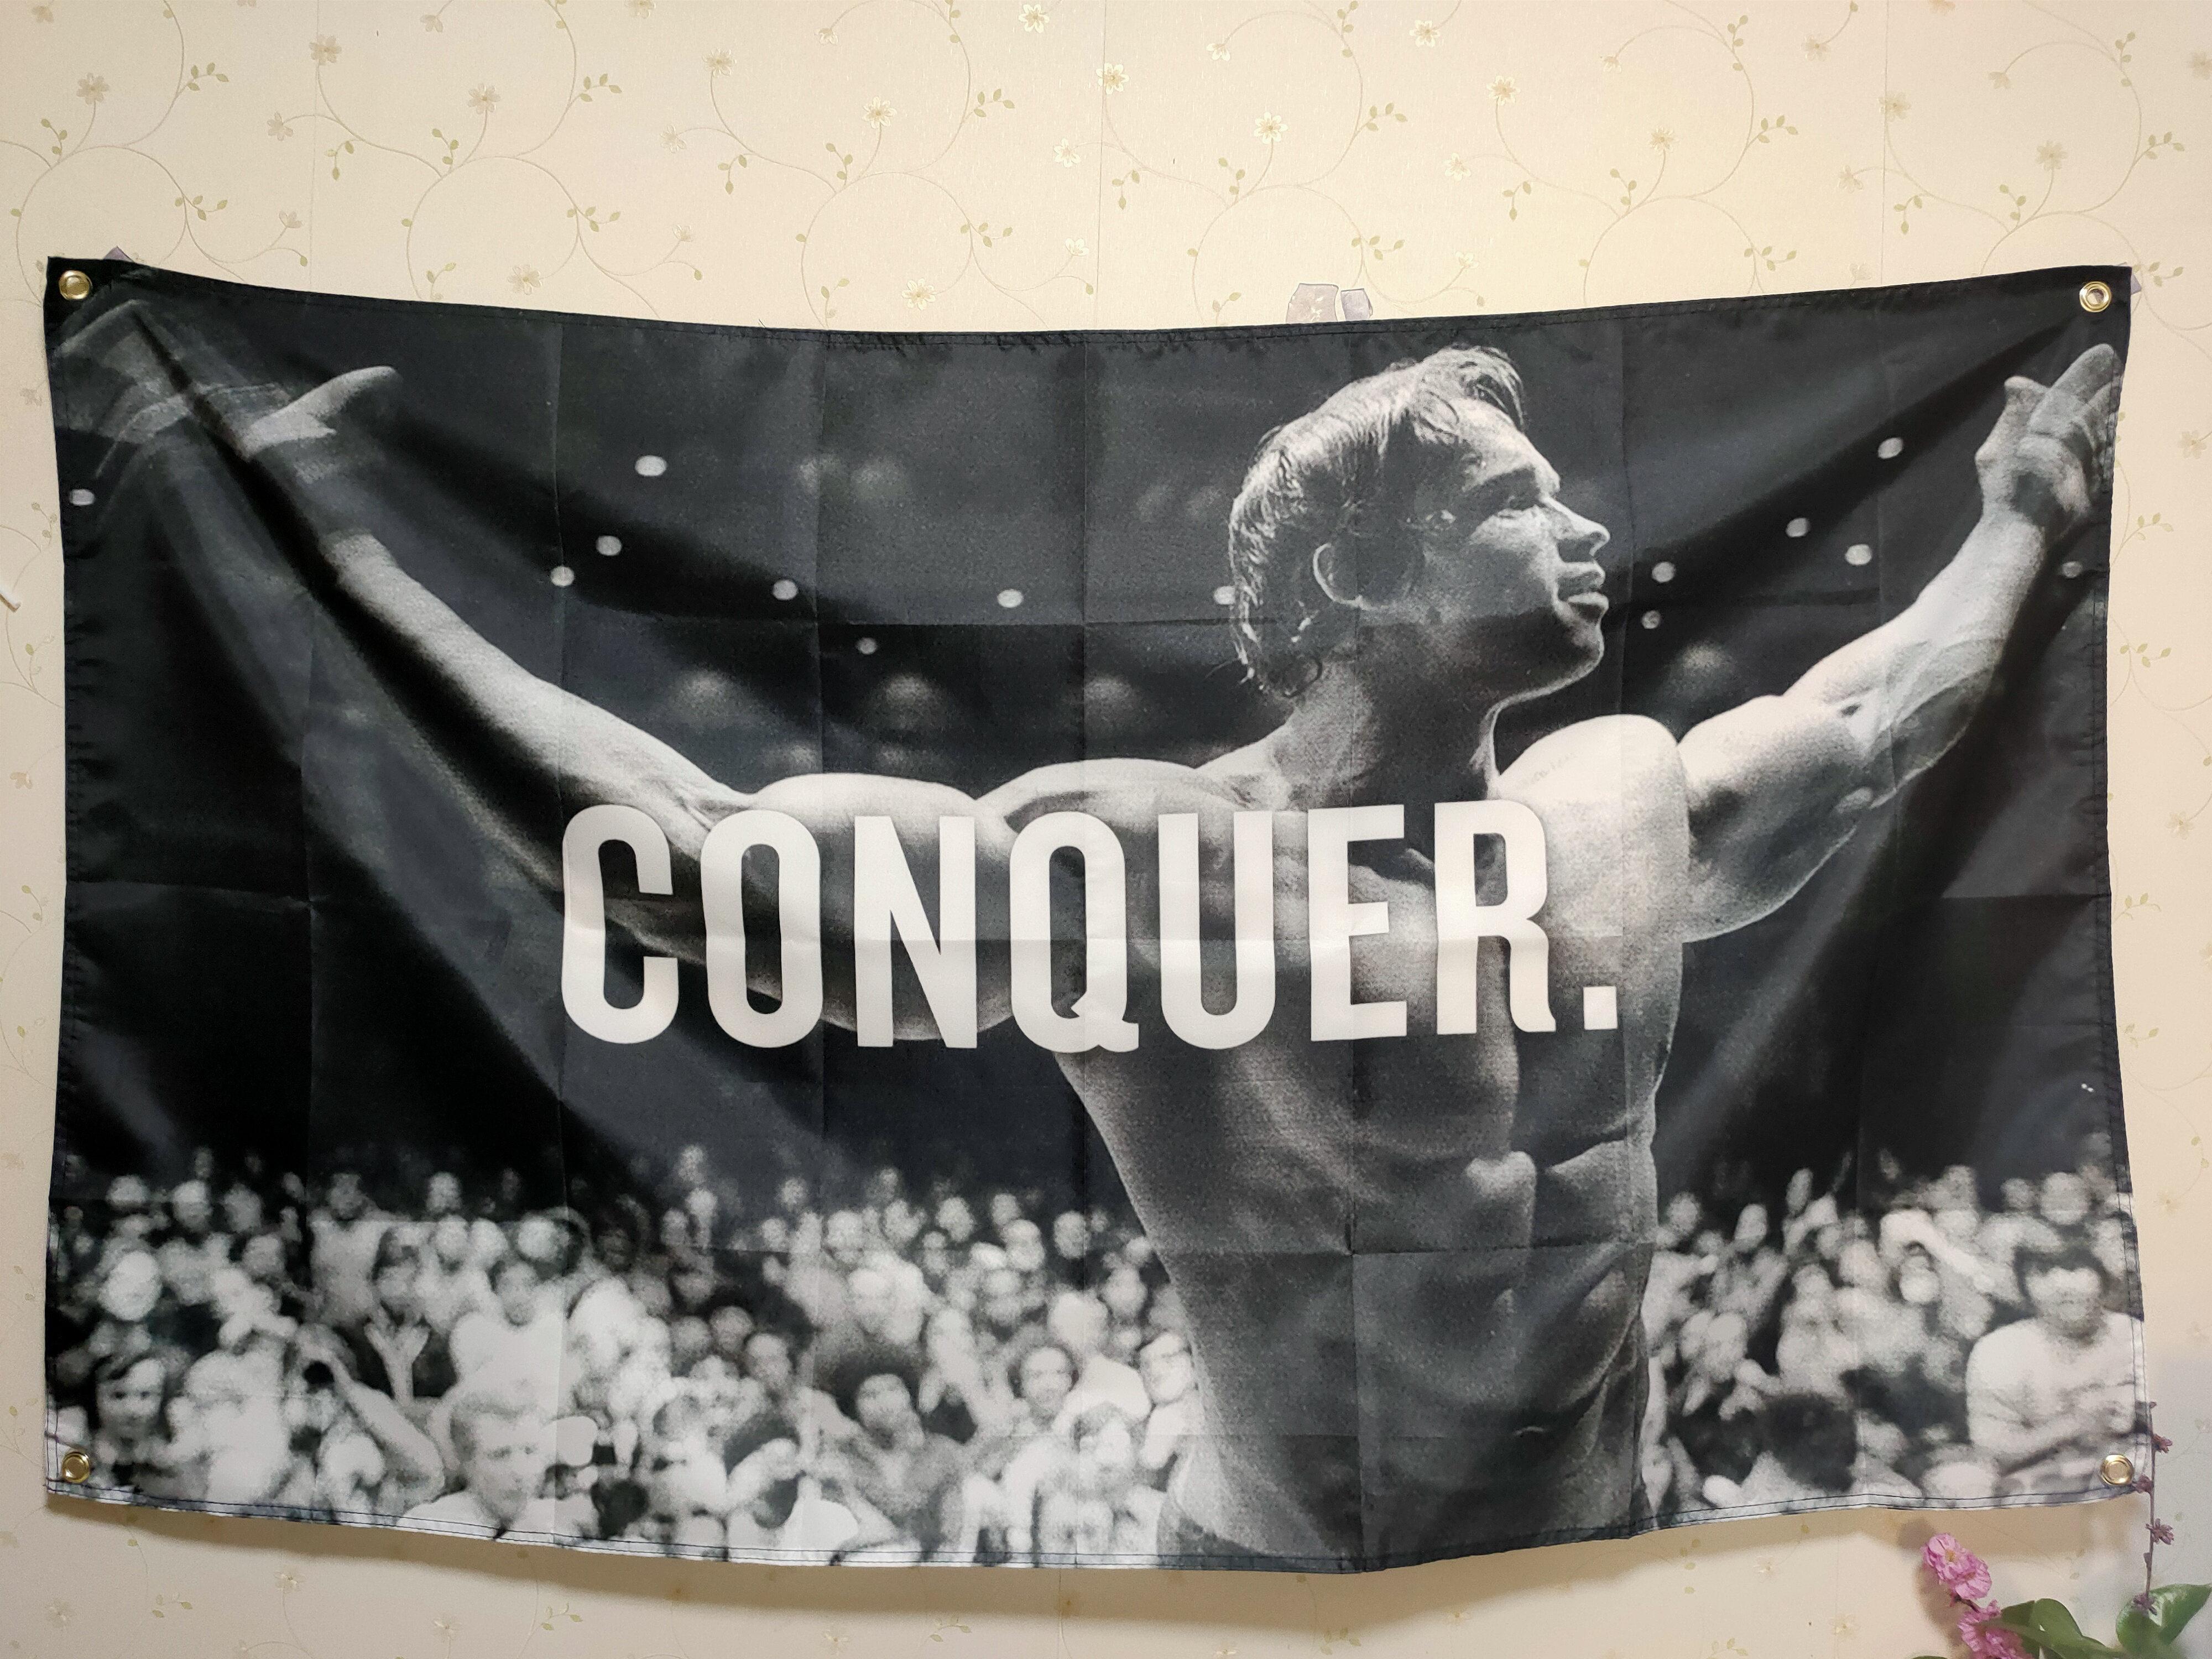 Фото - Арнольд Шварценеггер завоевывает флаг тренажерного зала любого размера мотивация Бодибилдинг настенное украшение гобелен Бодибилдинг арнольд шварценеггер вспомнить все моя невероятно правдивая история